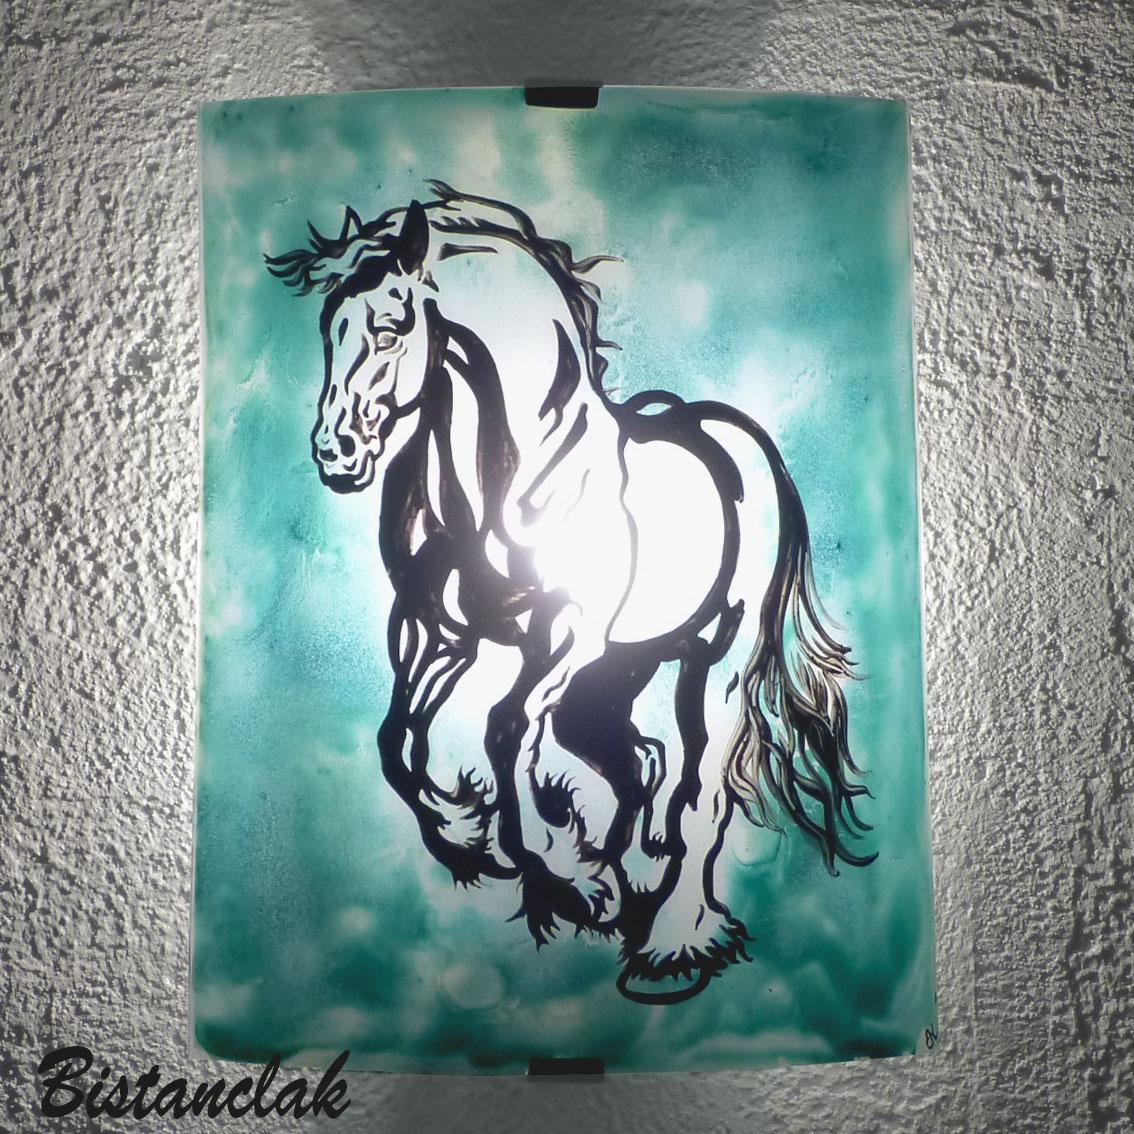 Applique luminaire coloré vert turquoise motif cheval cabré